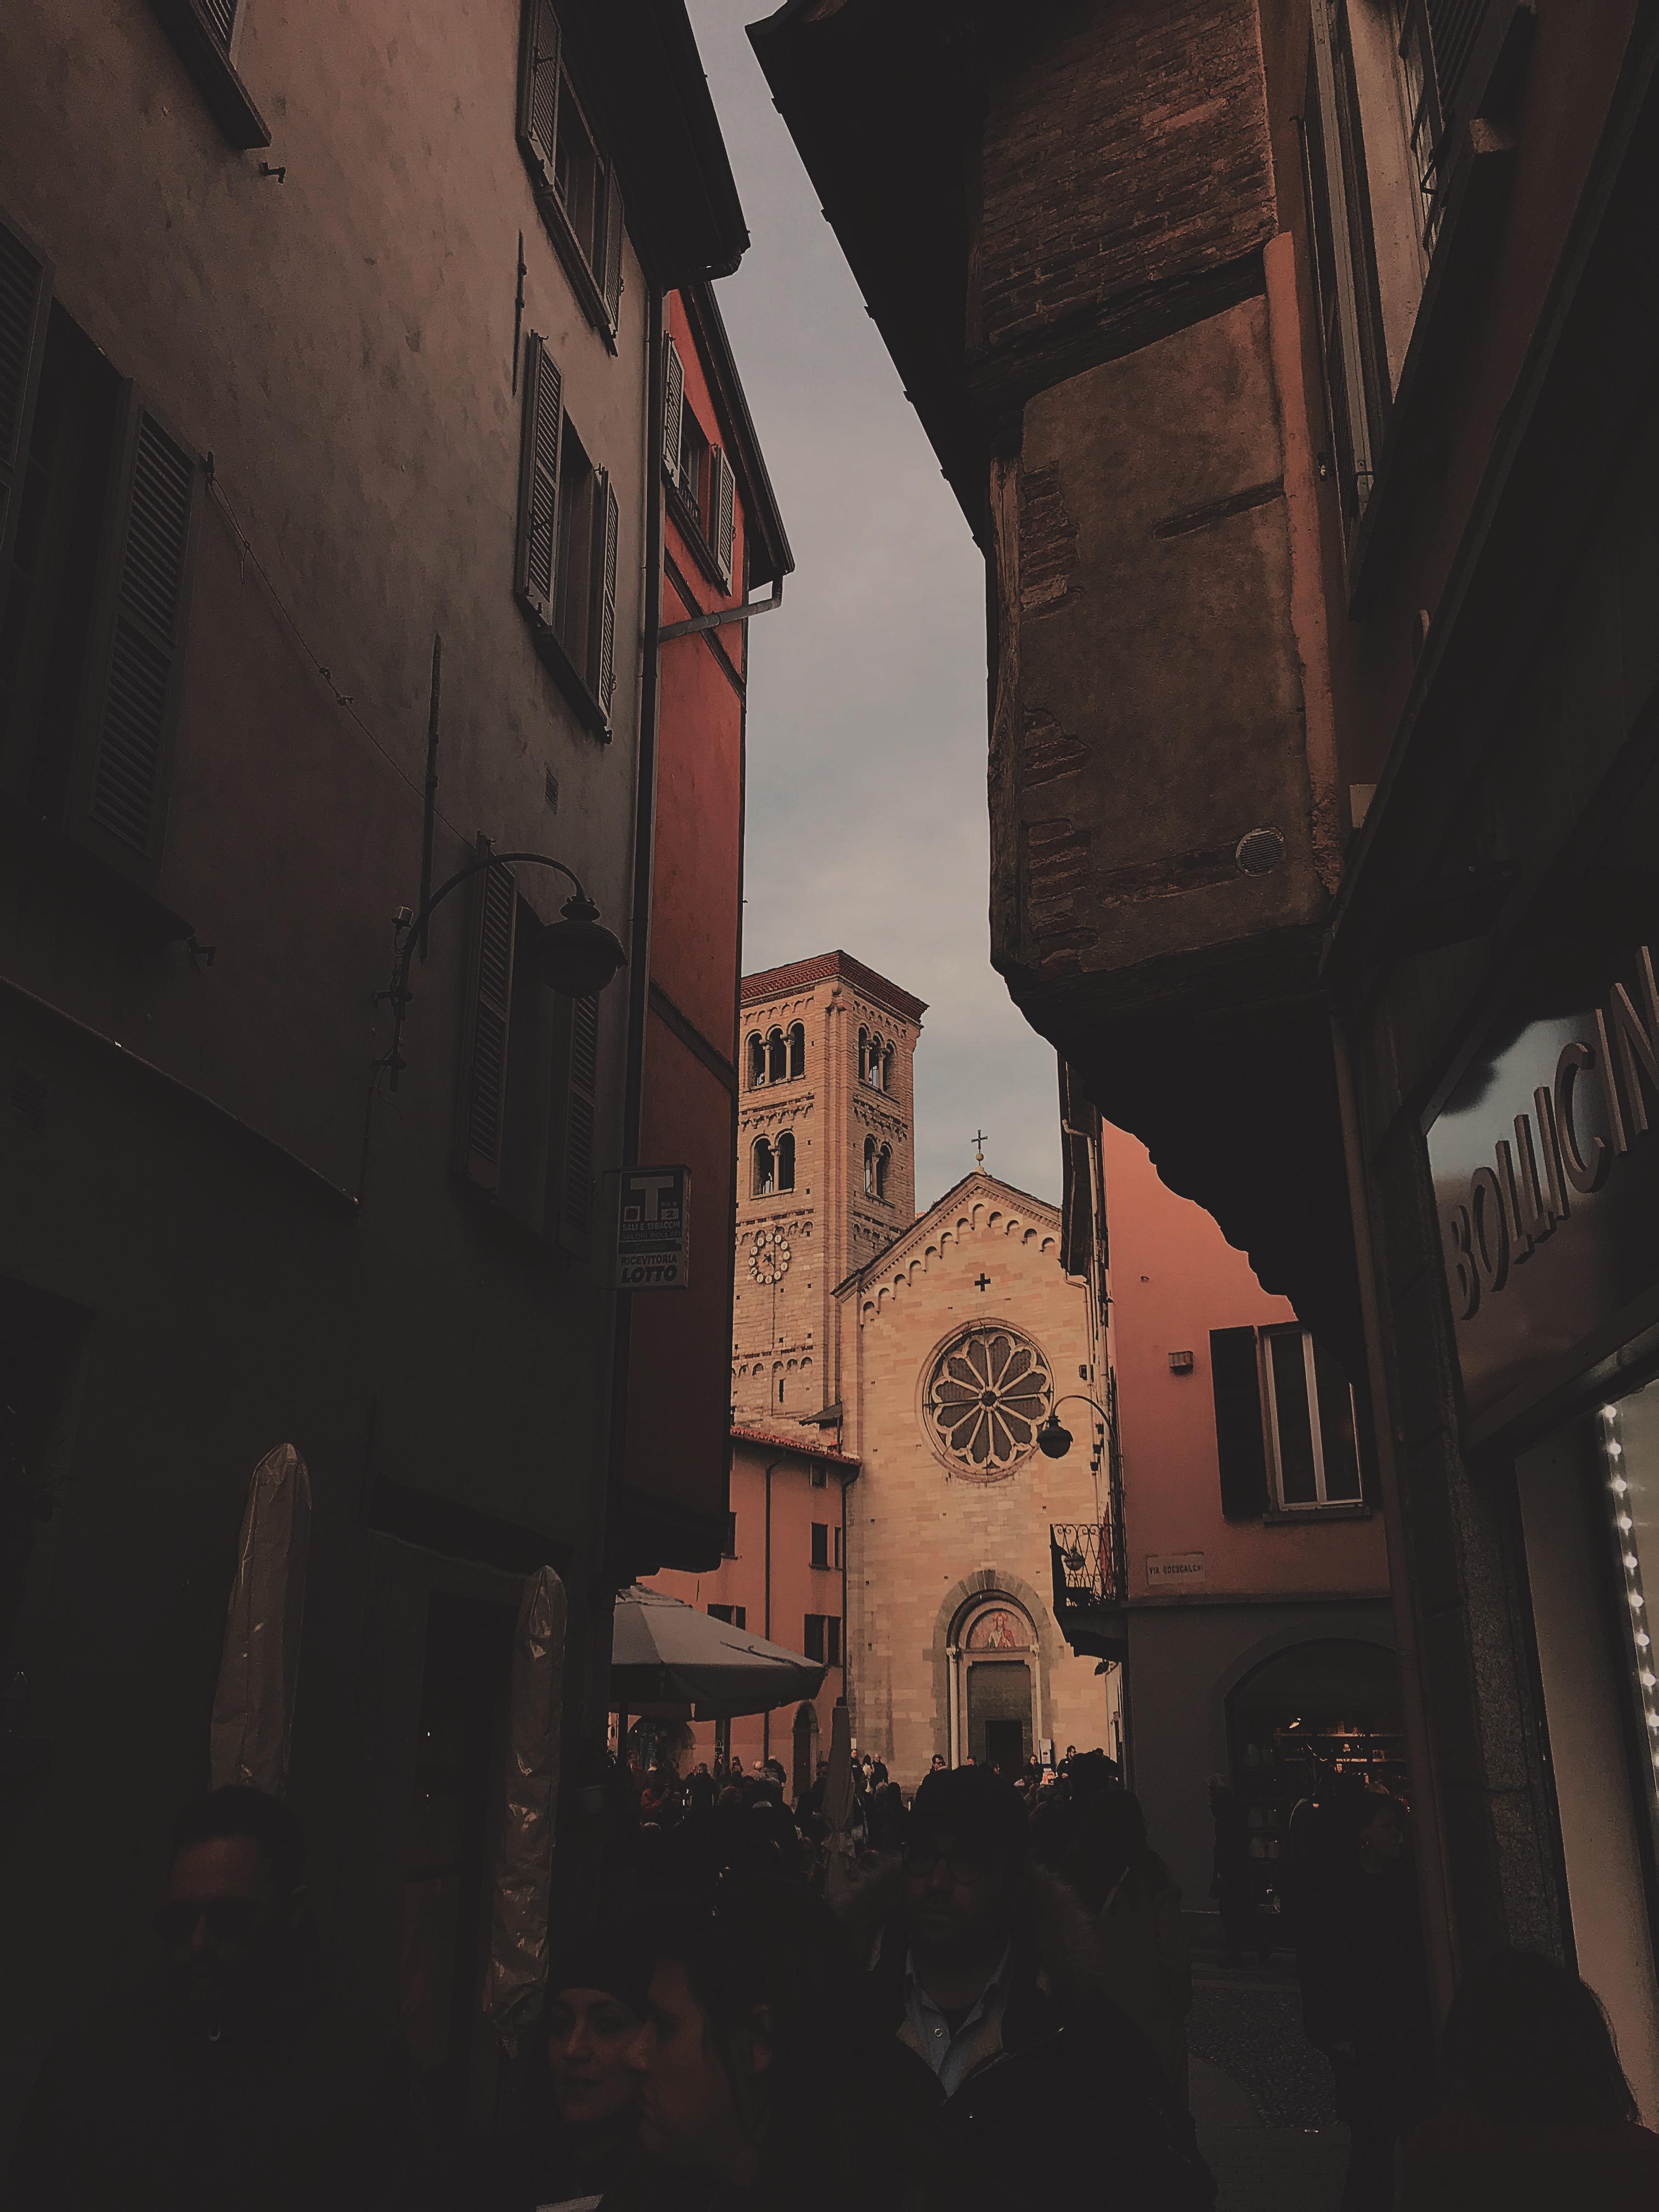 Бесплатные стоковые фото на тему архитектура, башня, без людей